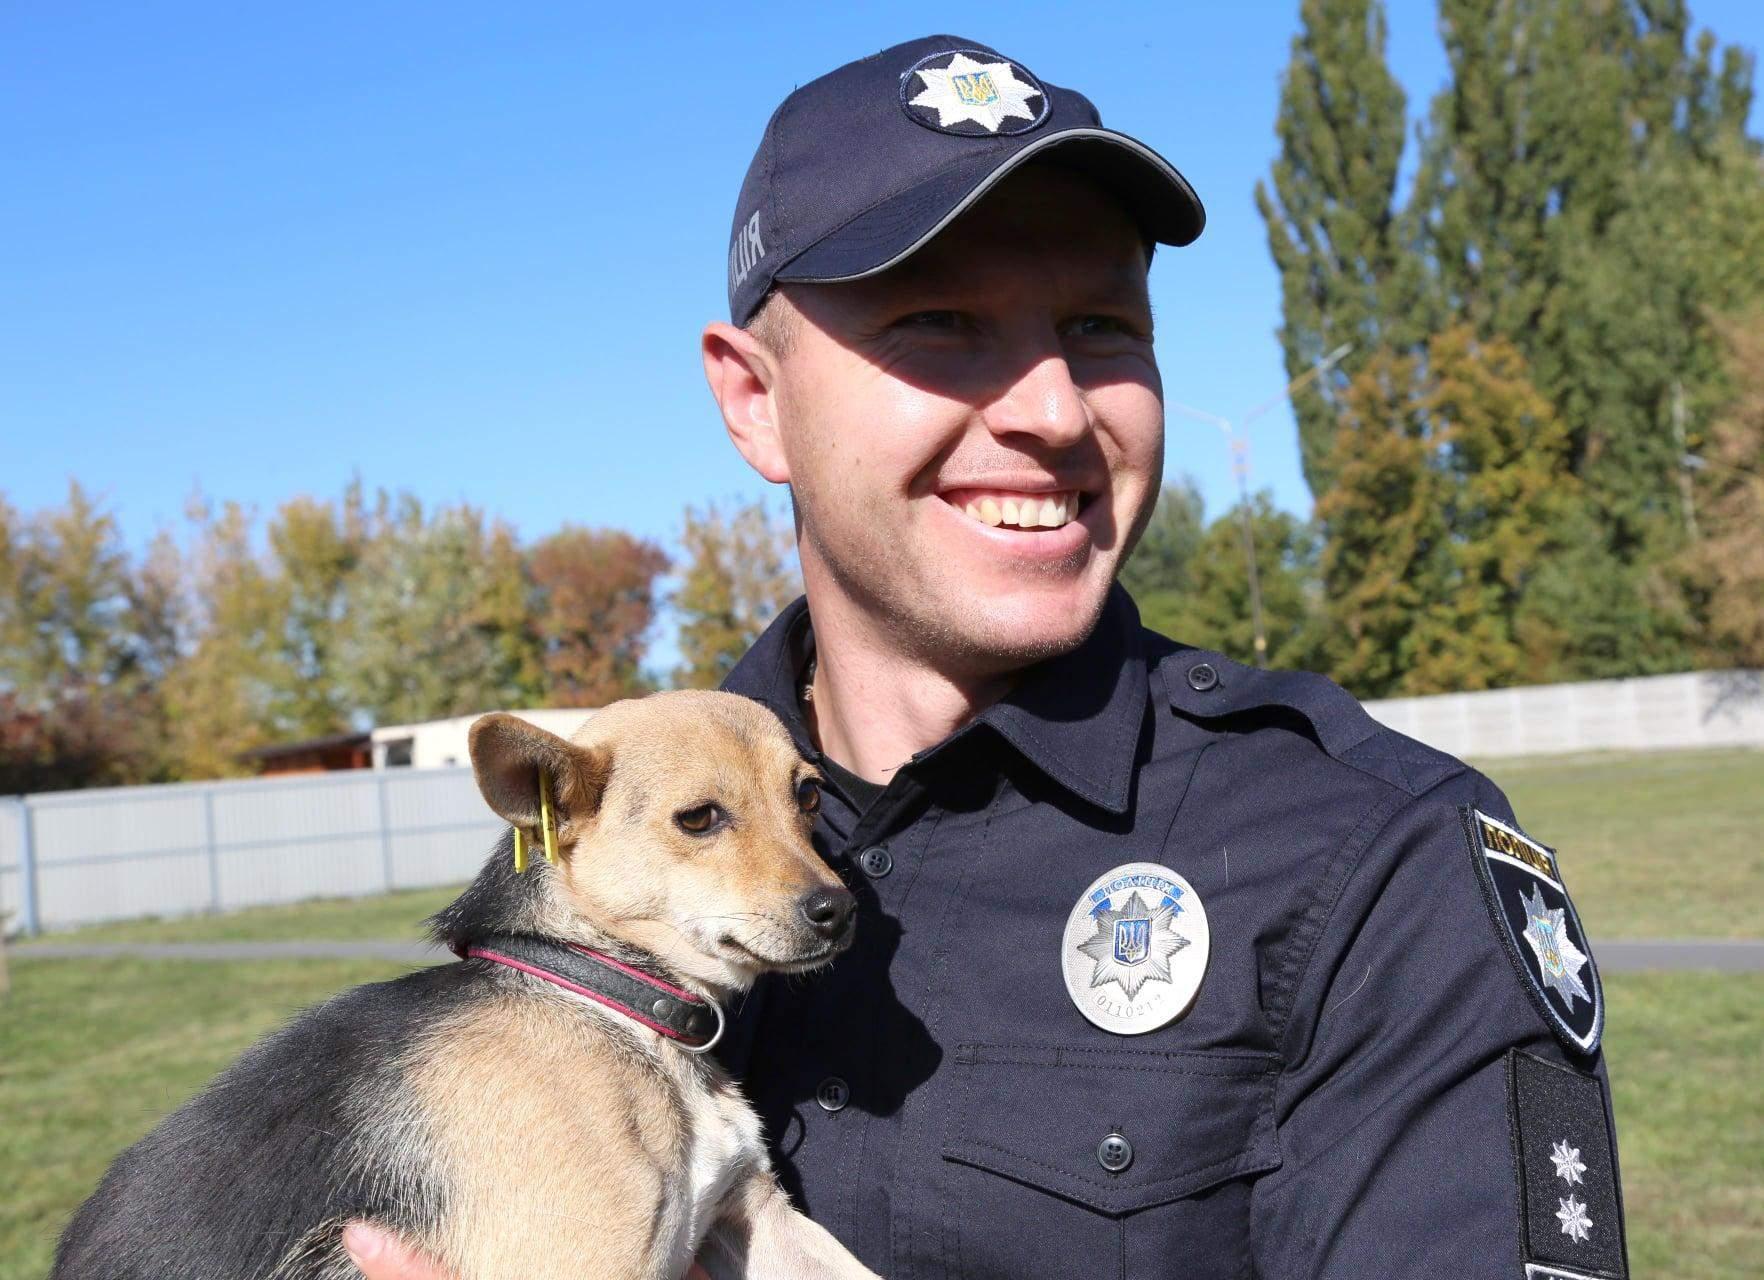 Поліцейські у Вінниці зробили яскраву фотосесію з собаками у притулку: неймовірні фото